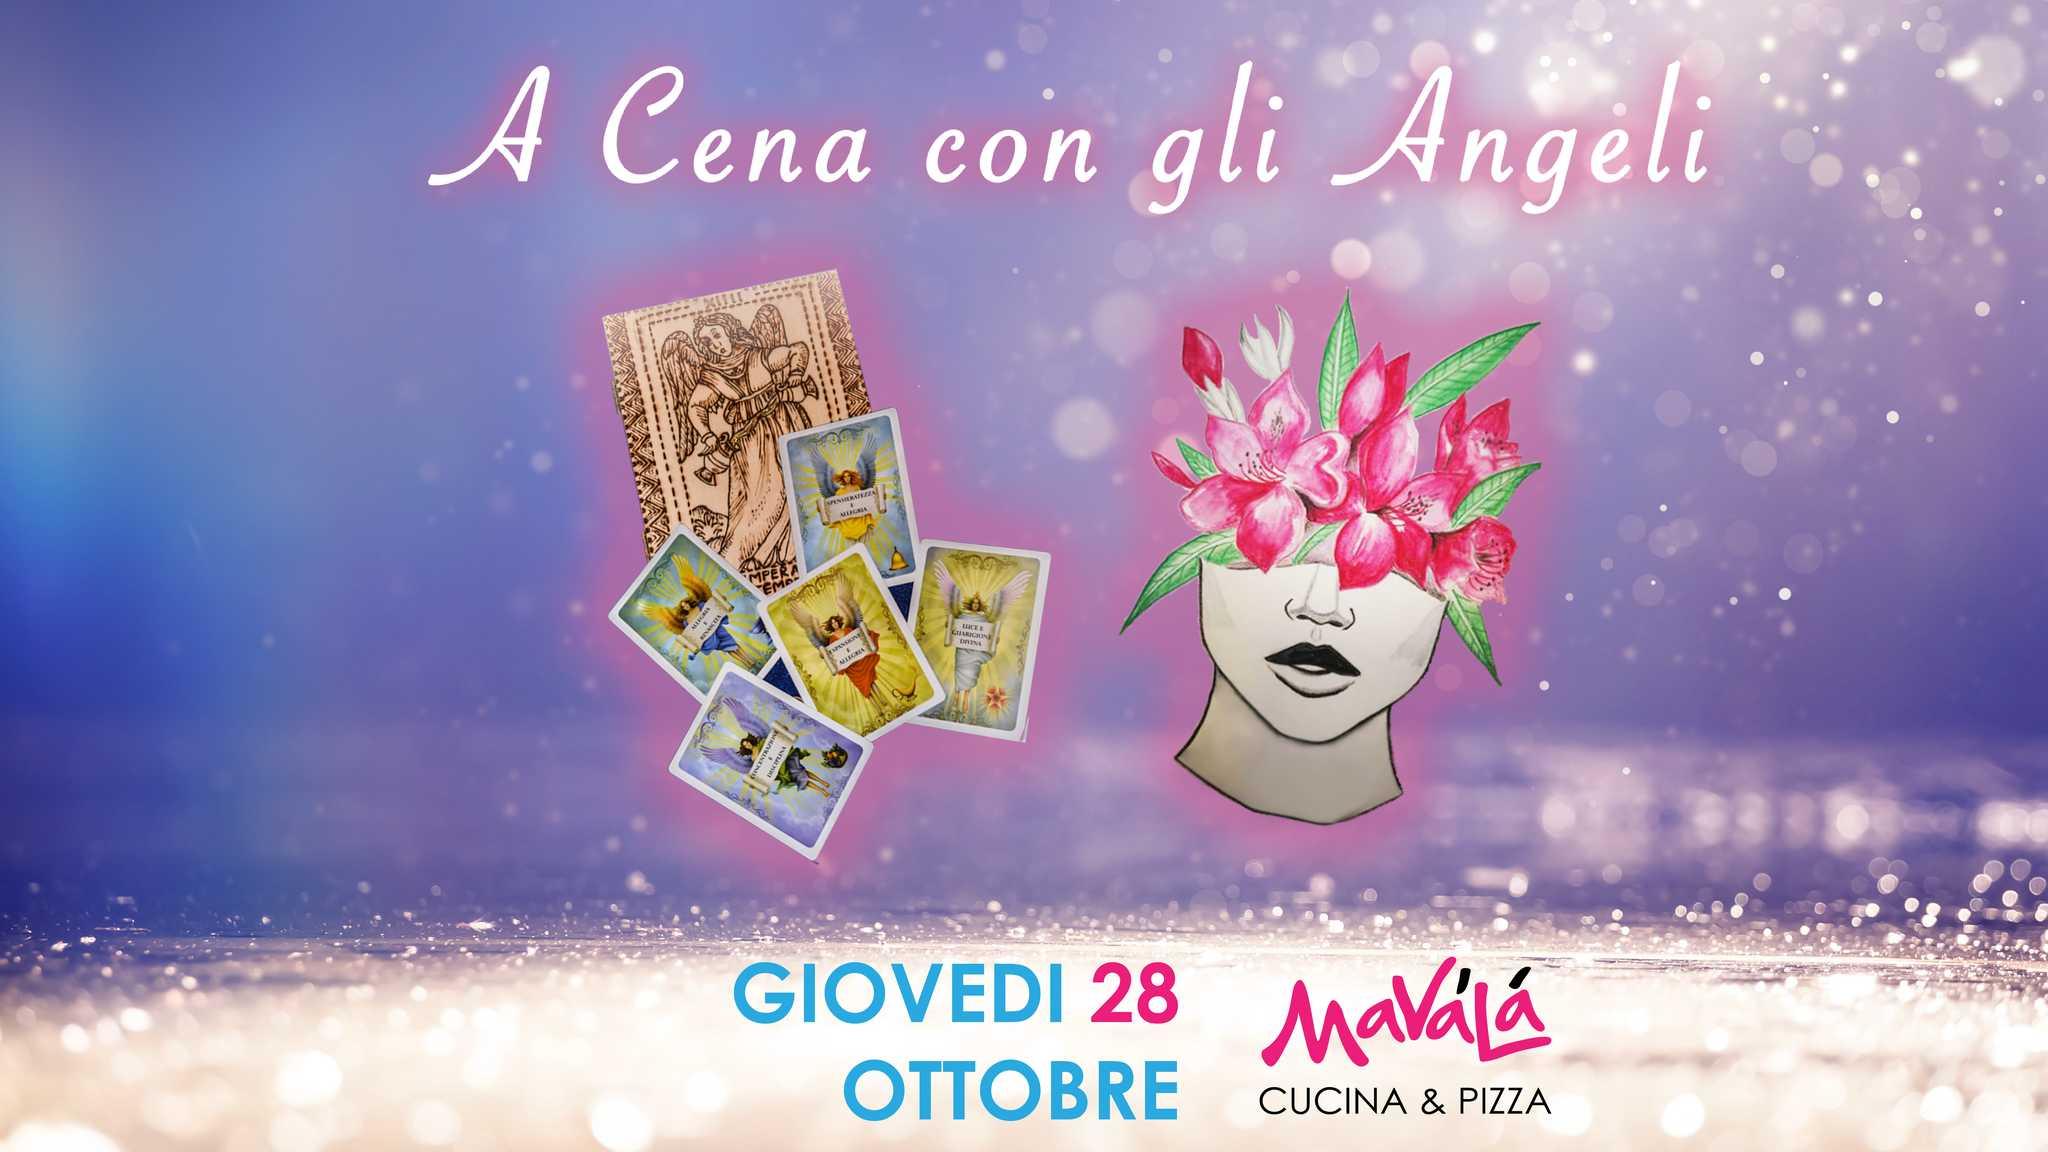 MAVALA_LOCANDINE_16_SETTEMBRE_ANGELI-04____